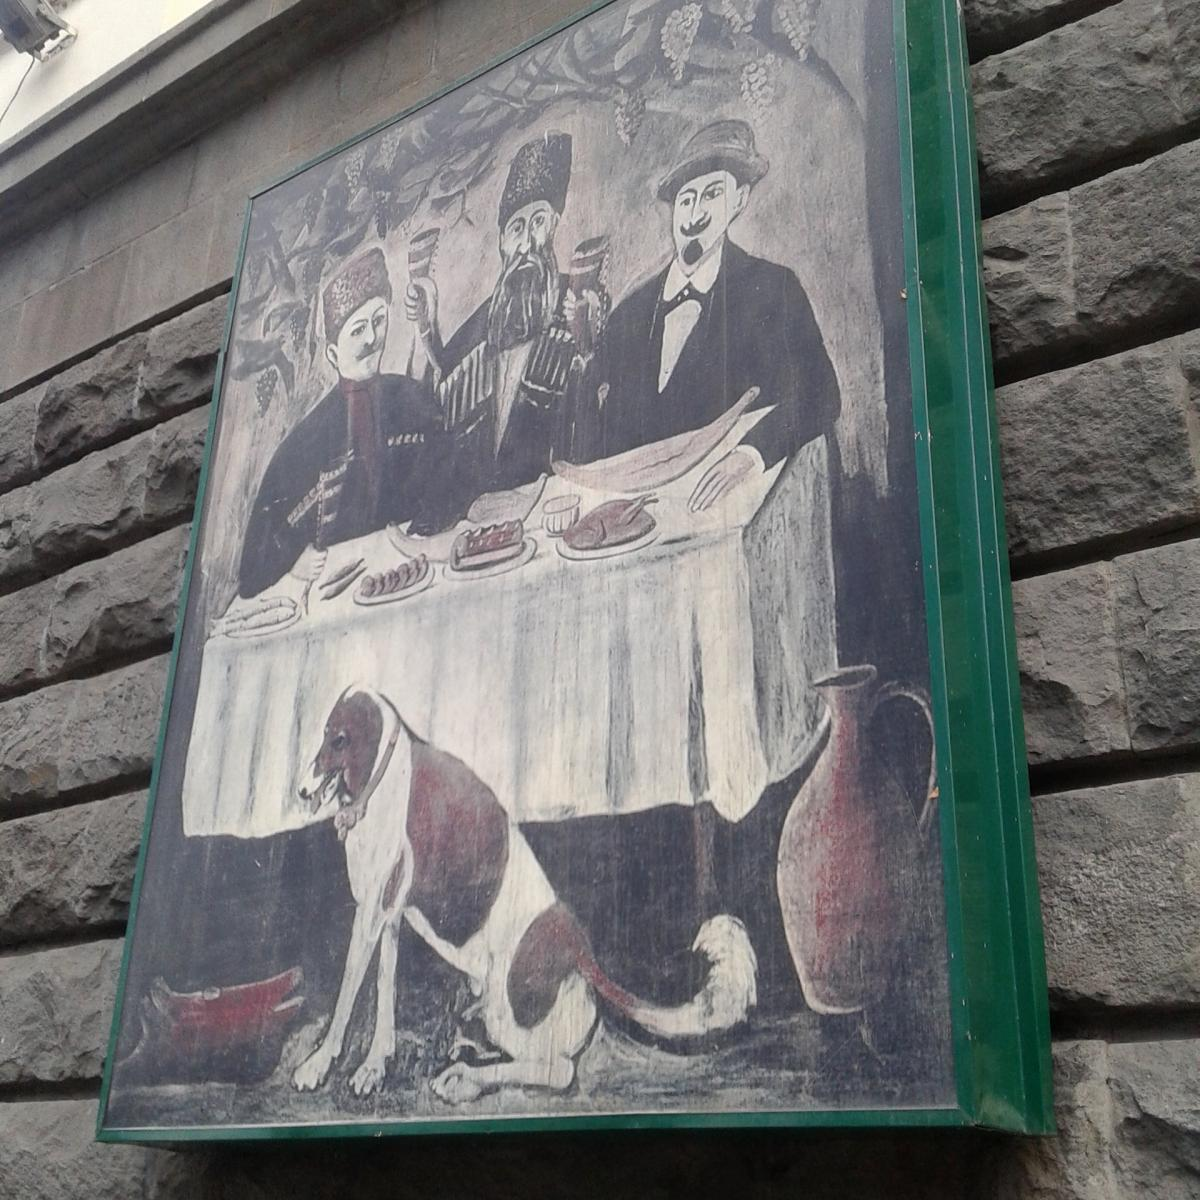 Painting outside restaurant